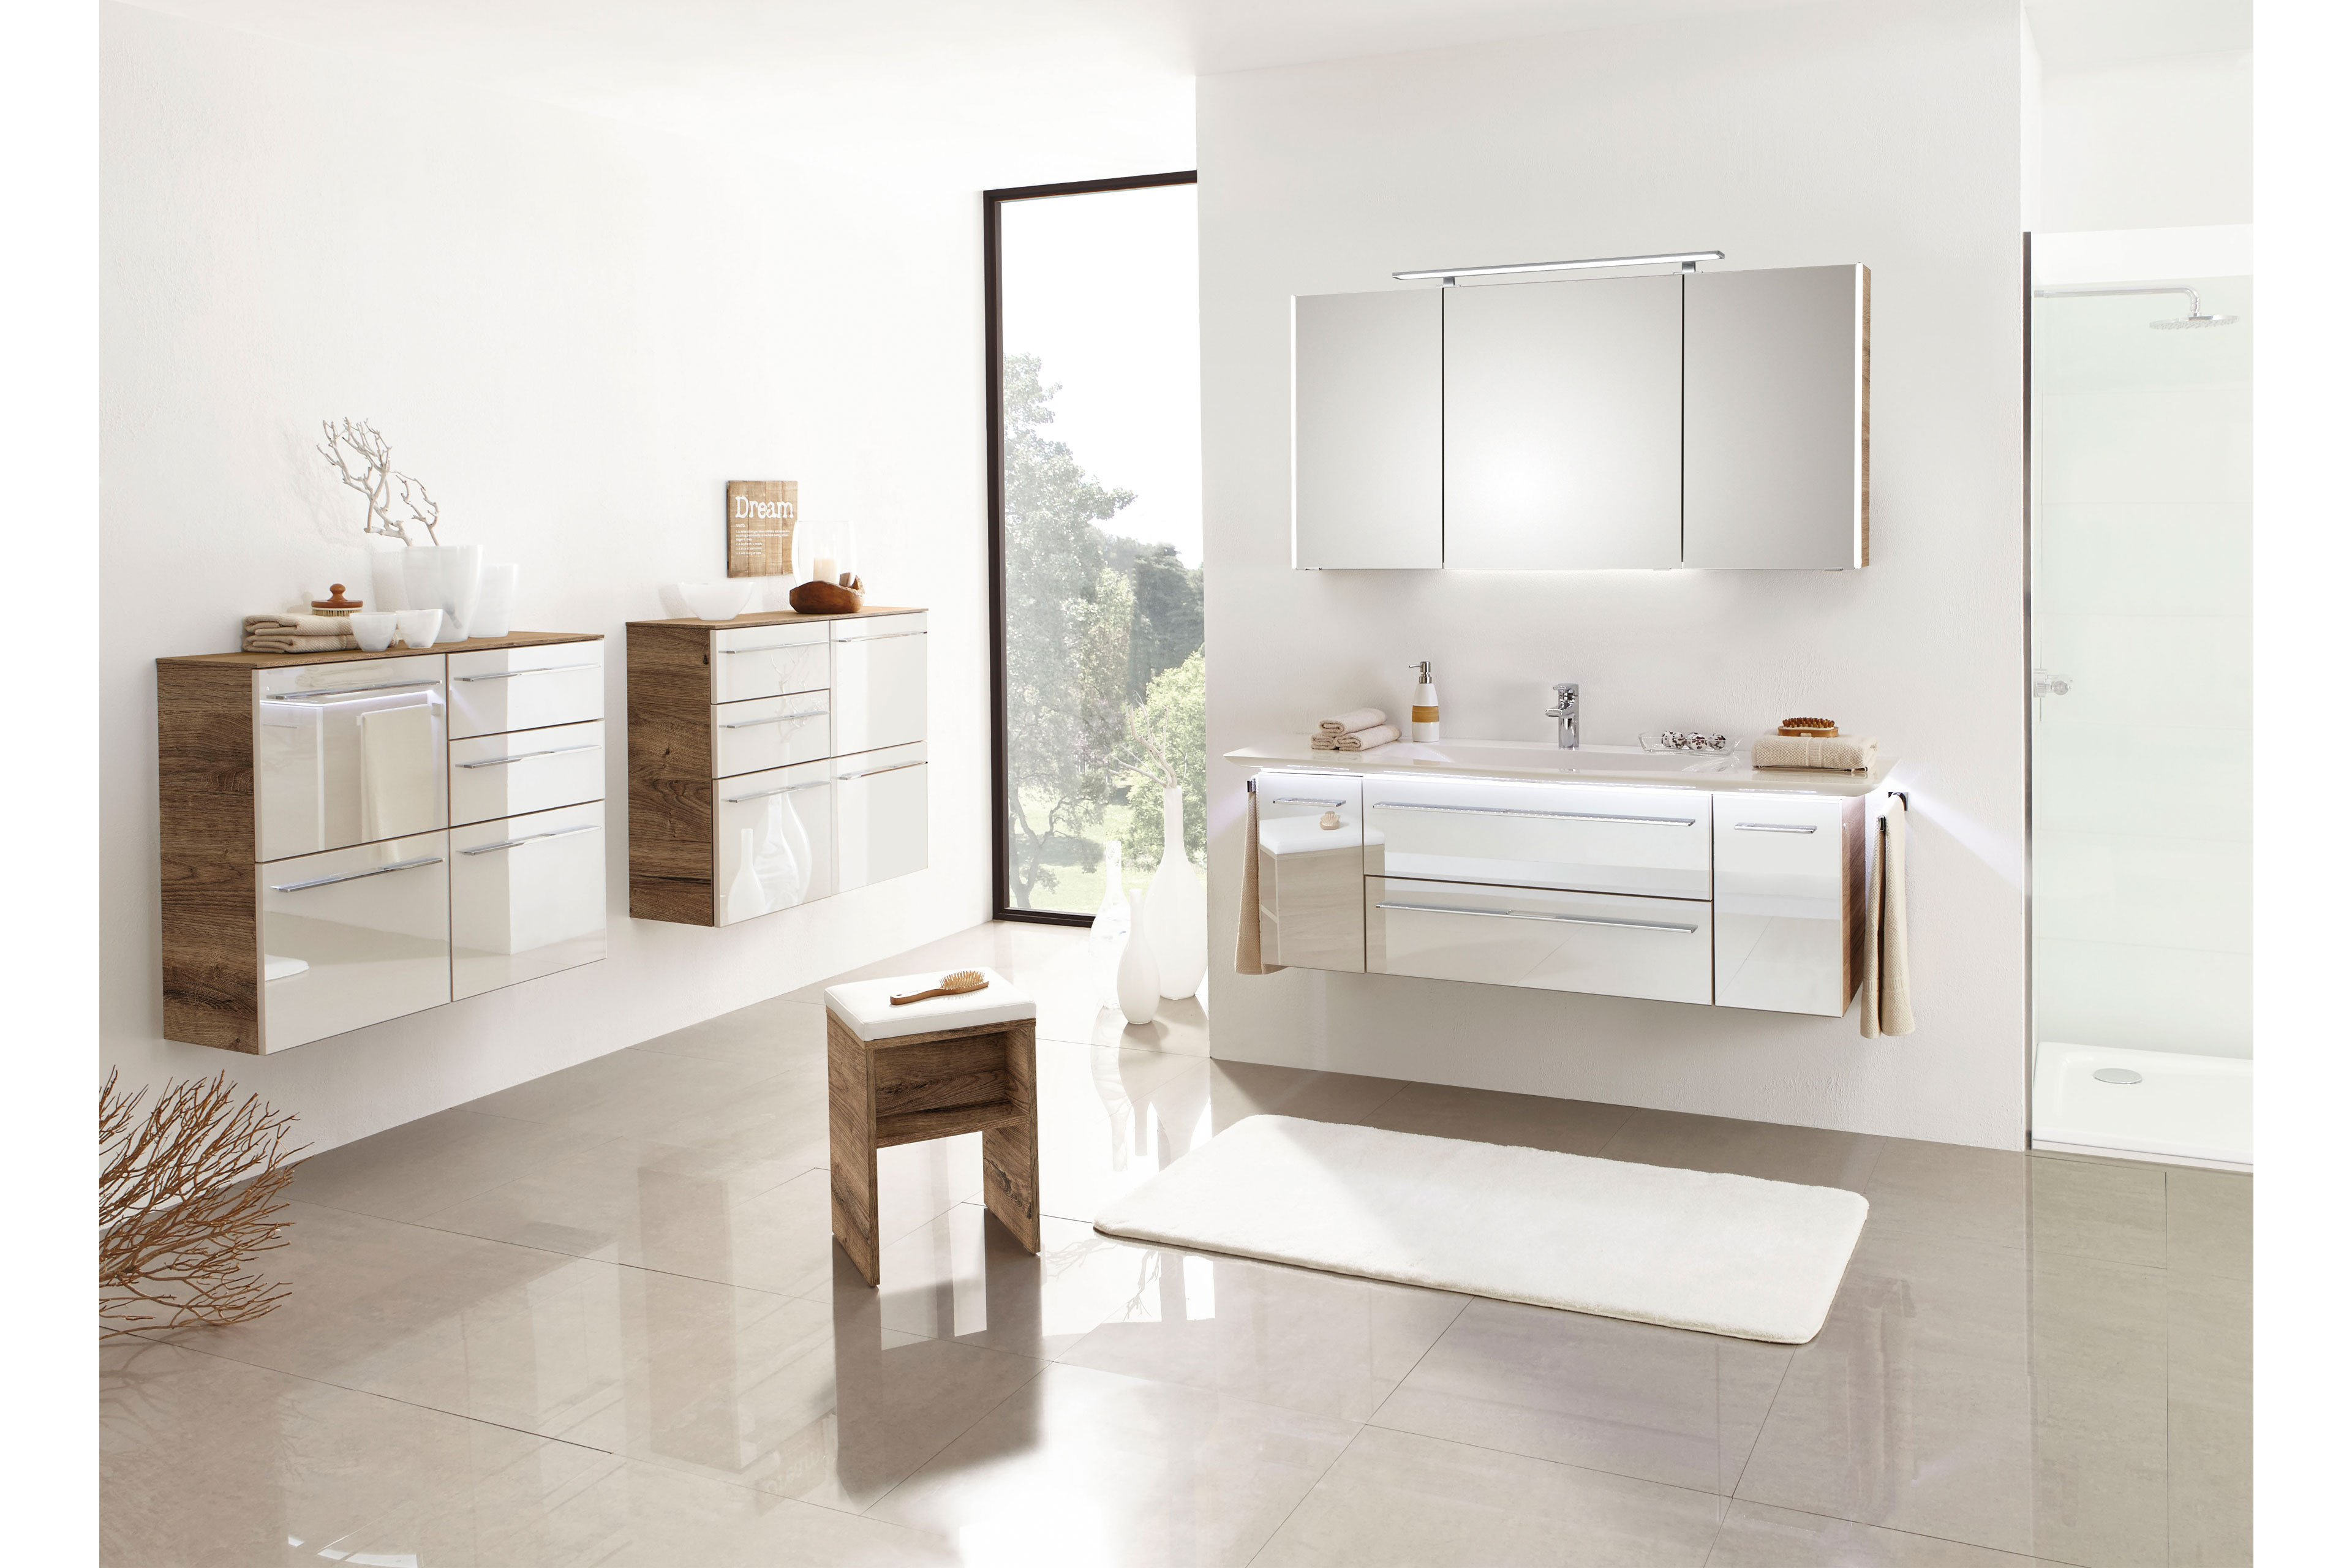 Bad 10 von LEONARDO living - Badezimmer Glas Perlmutt/ Eiche